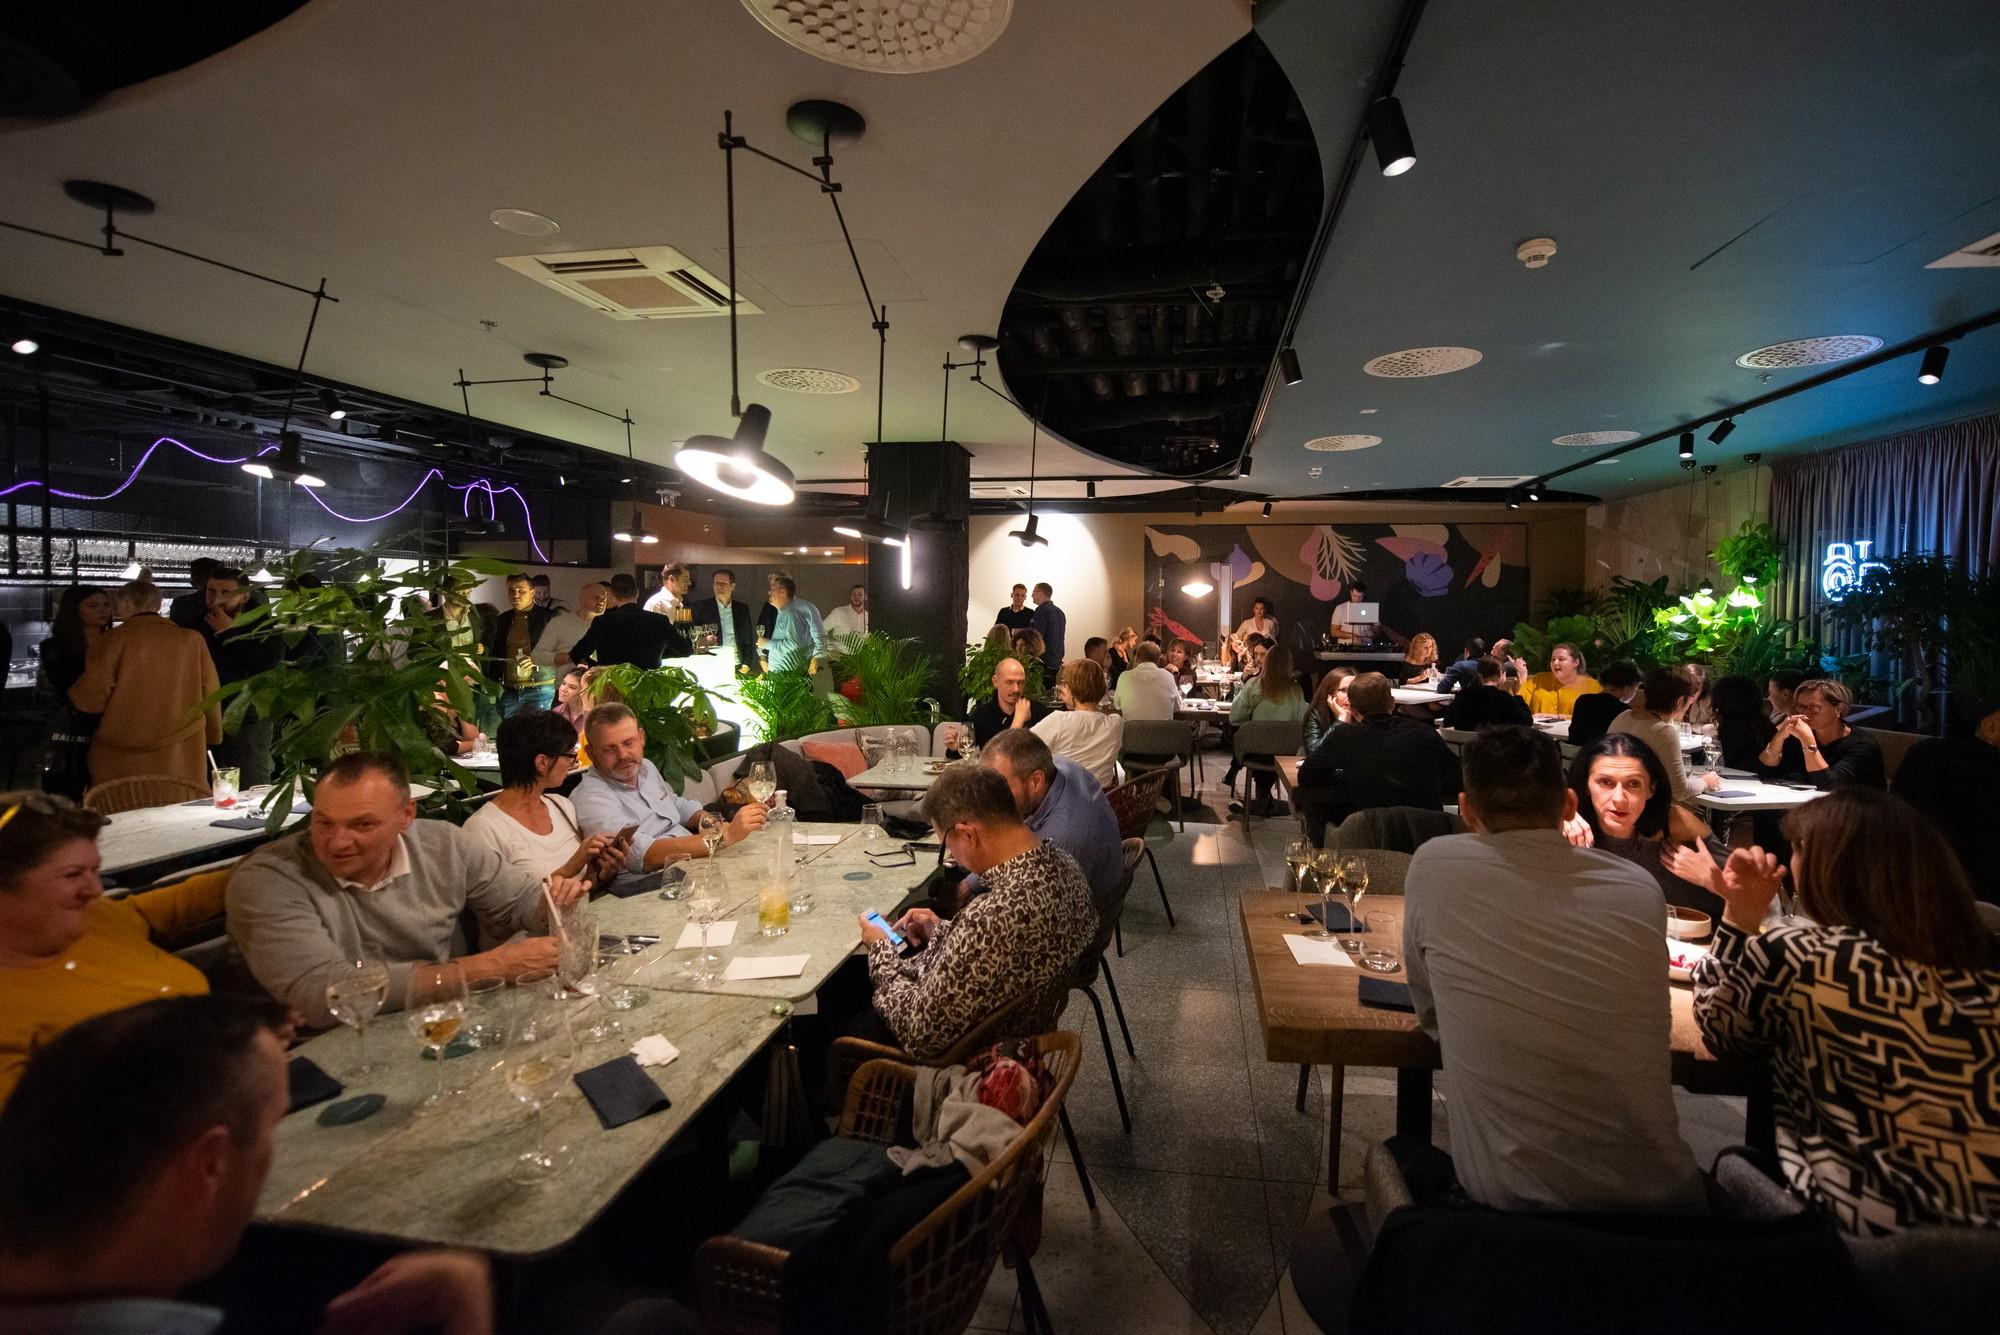 randi a sötét étteremben társkereső delilah letöltés